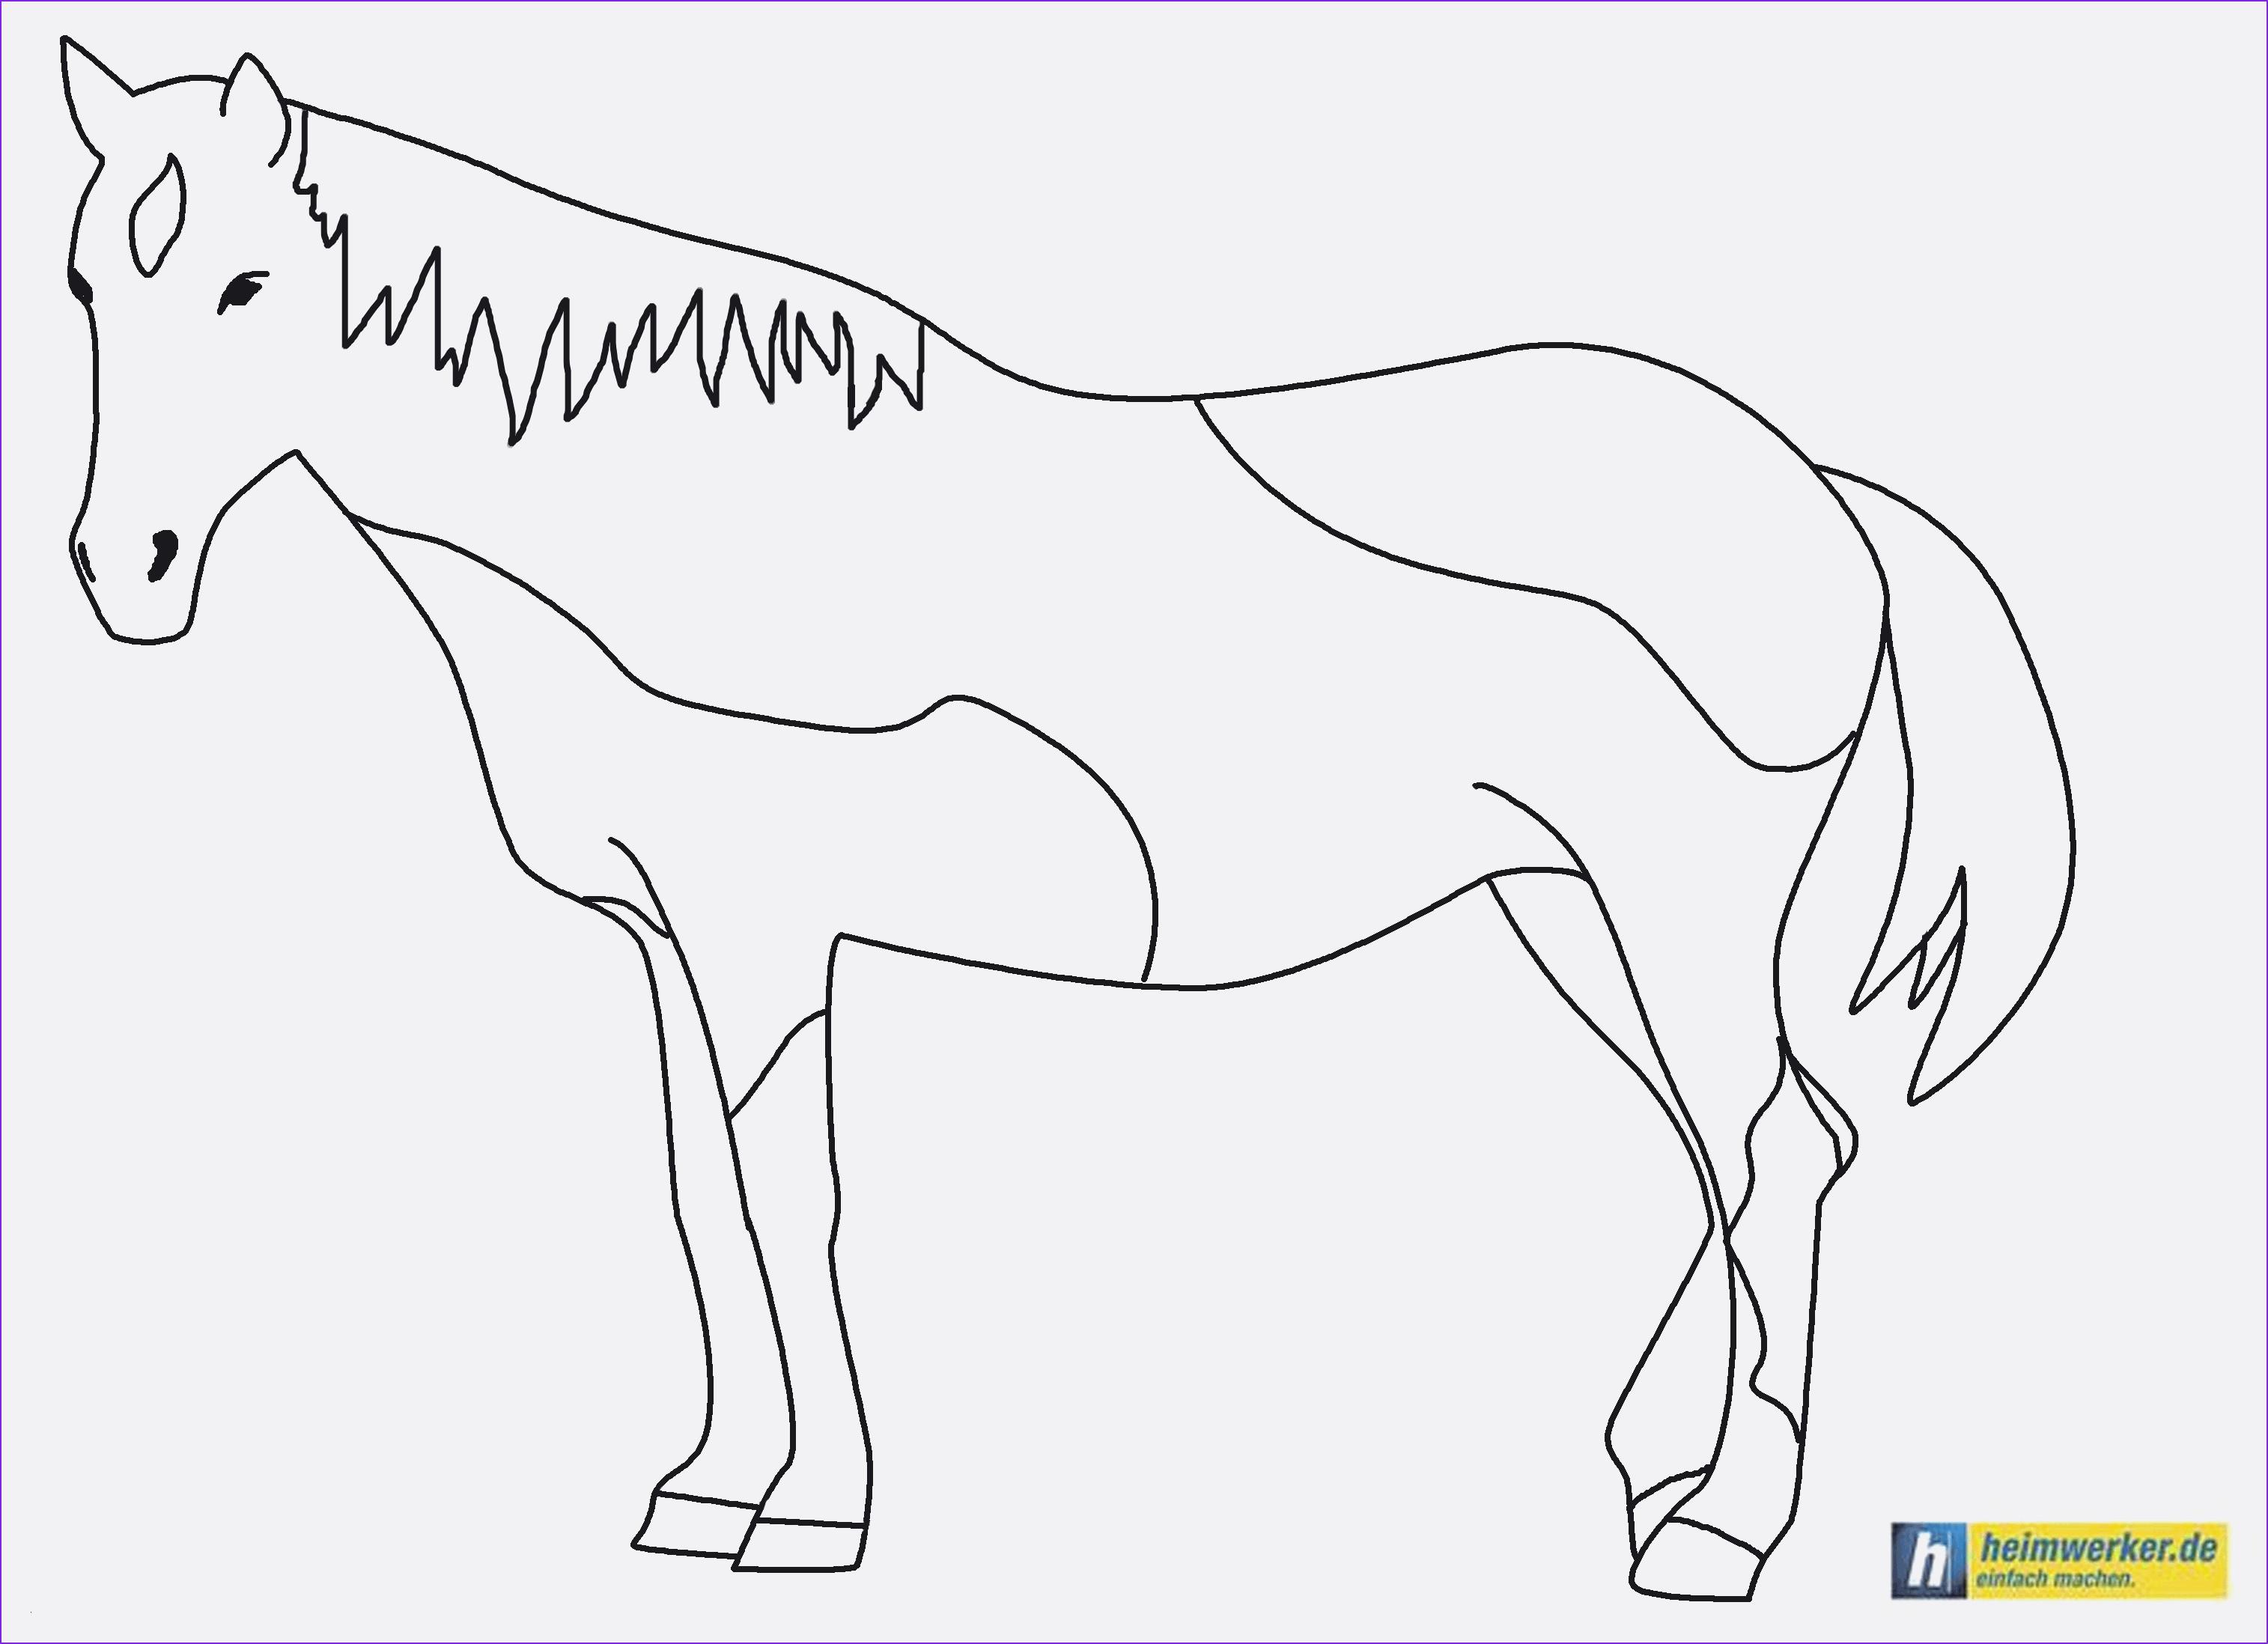 Ausmalbilder Katze Und Hund Inspirierend Ausmalbilder Für Erwachsene Hunde Luxus 50 Malvorlage Pferd Im Stall Bilder